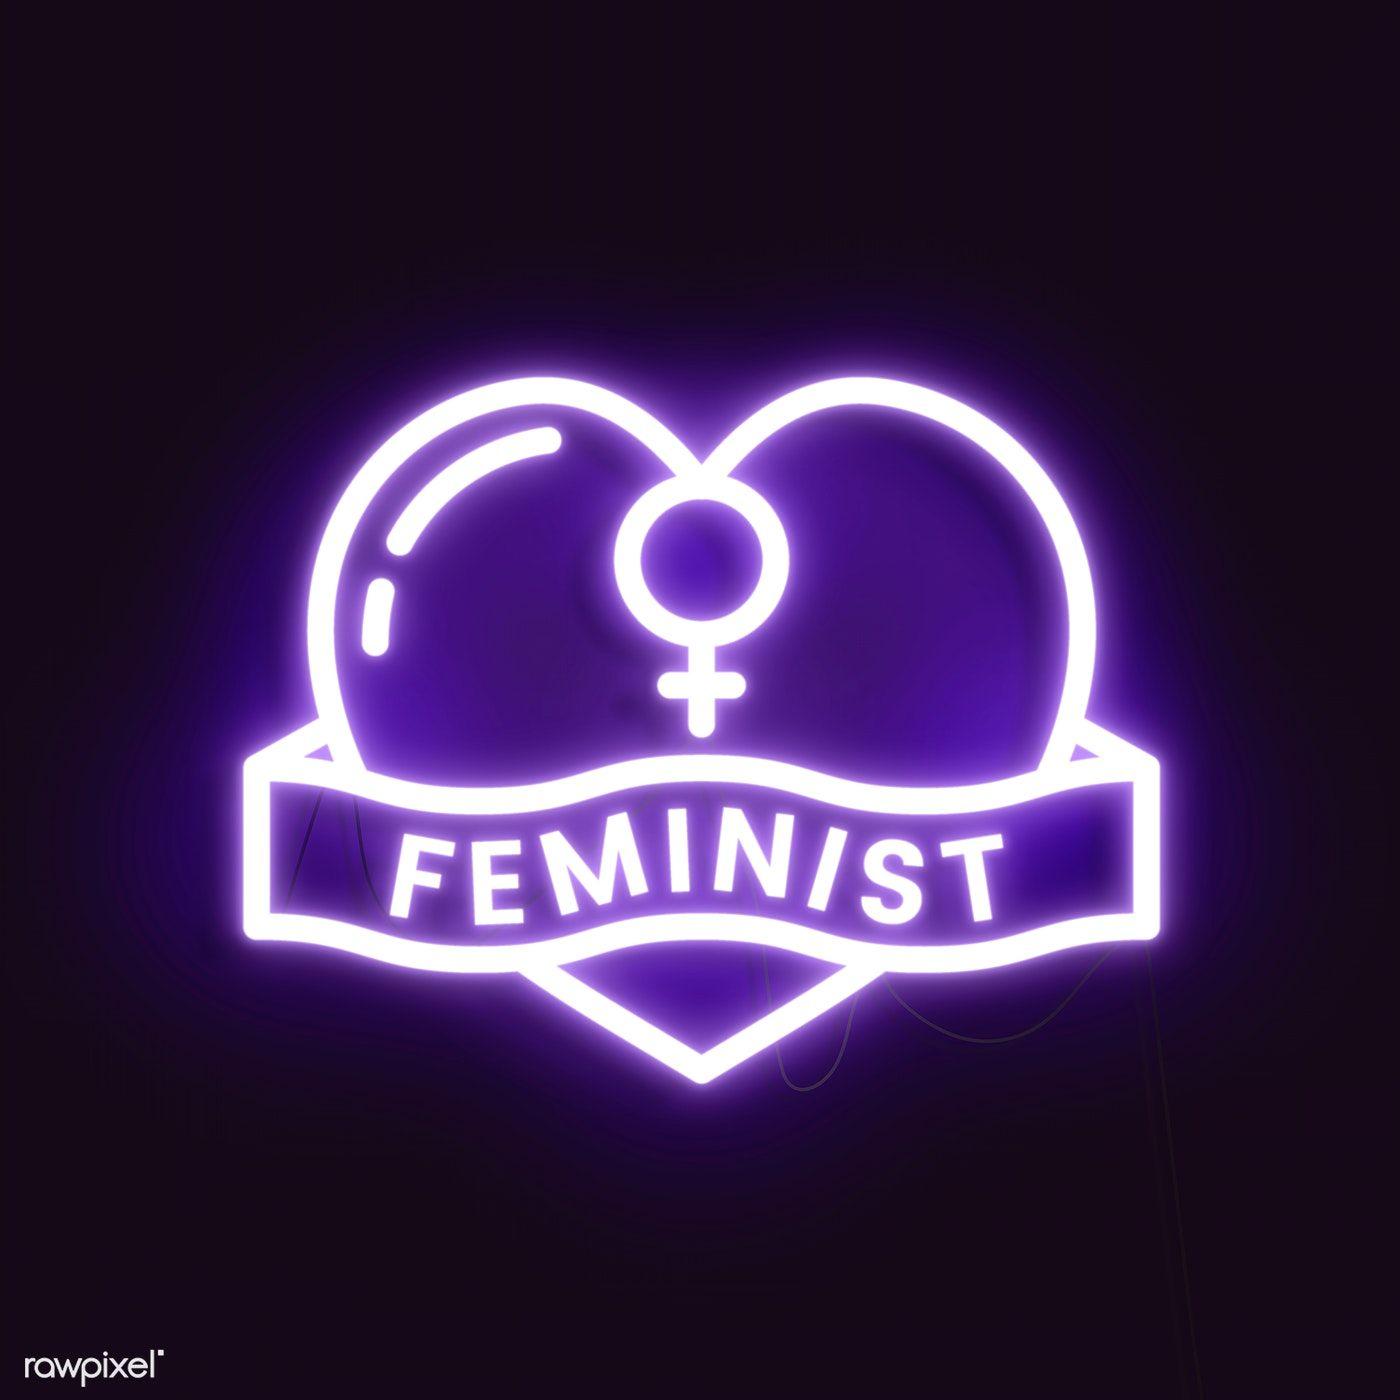 Download premium illustration of Neon feminist sign design